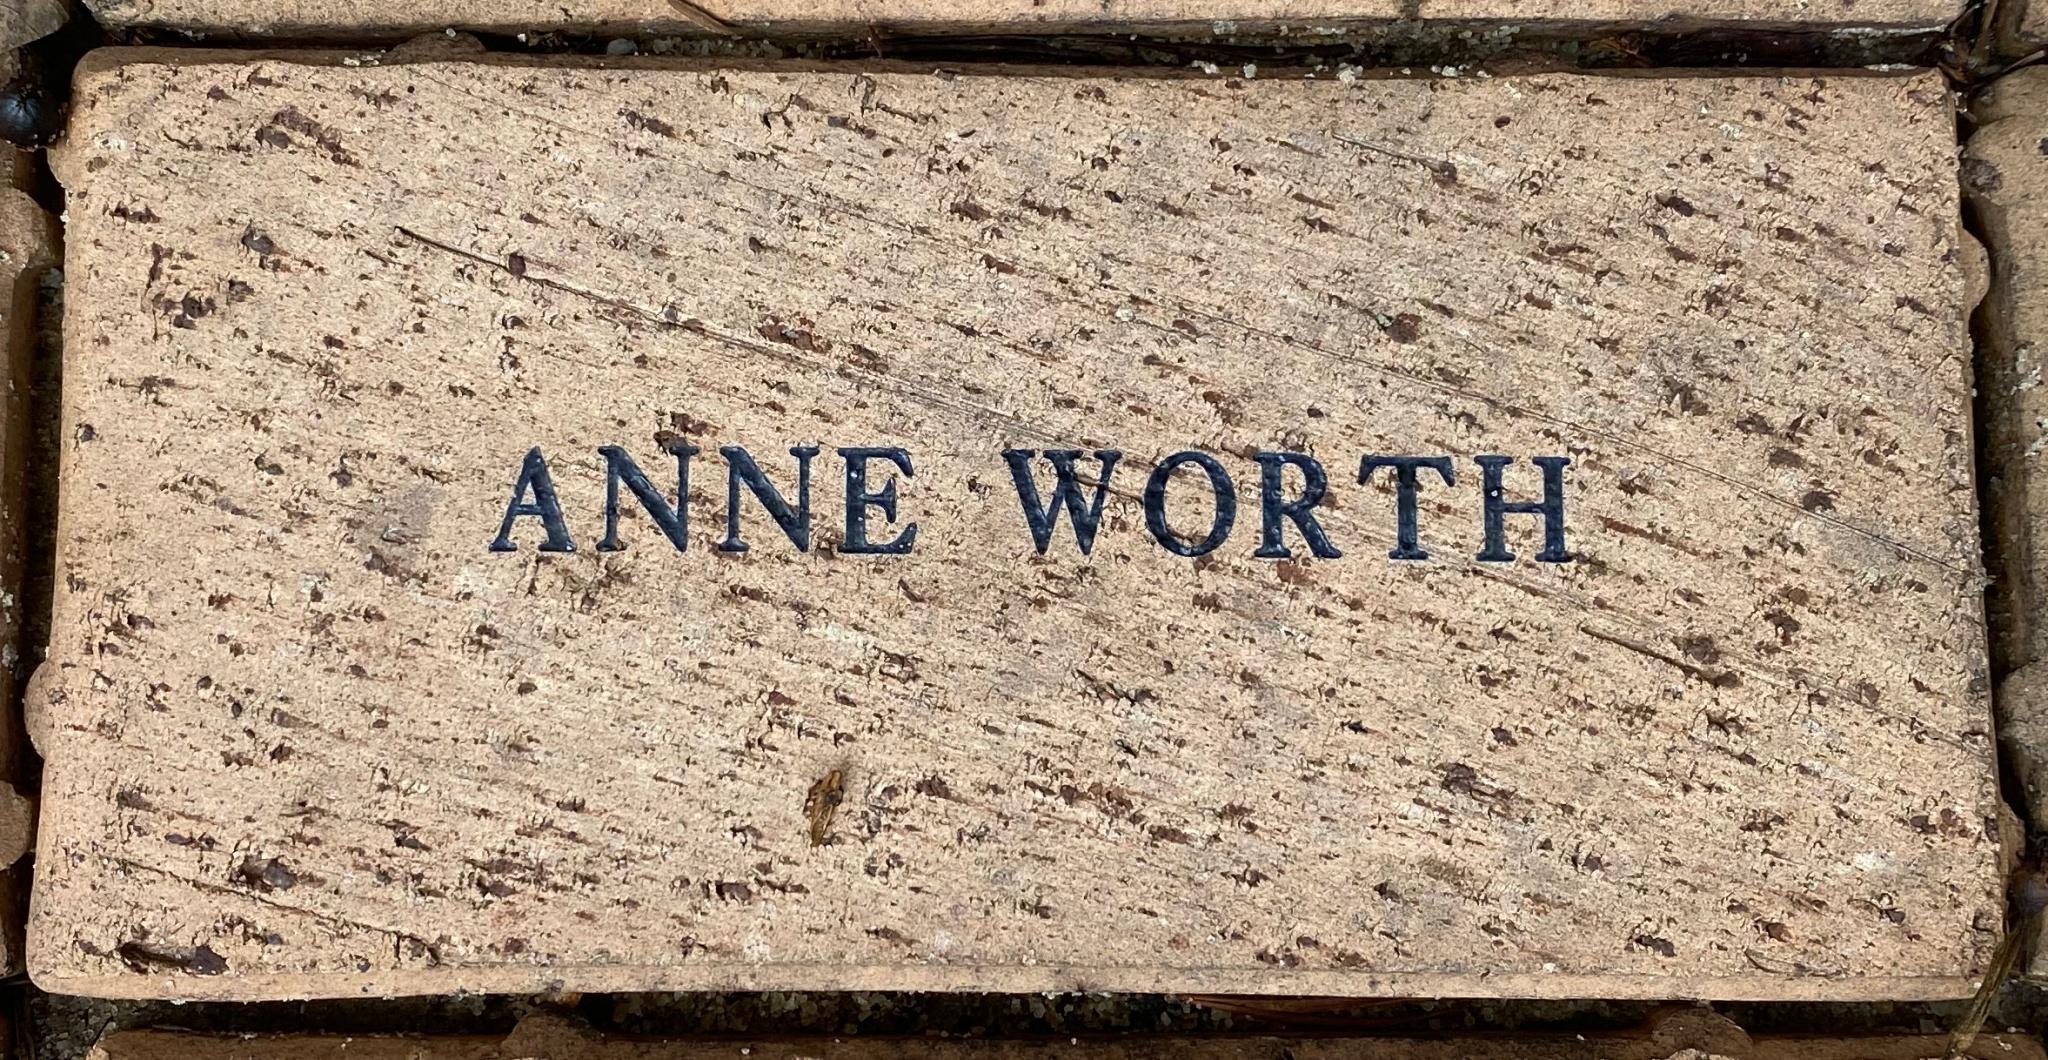 ANNE WORTH